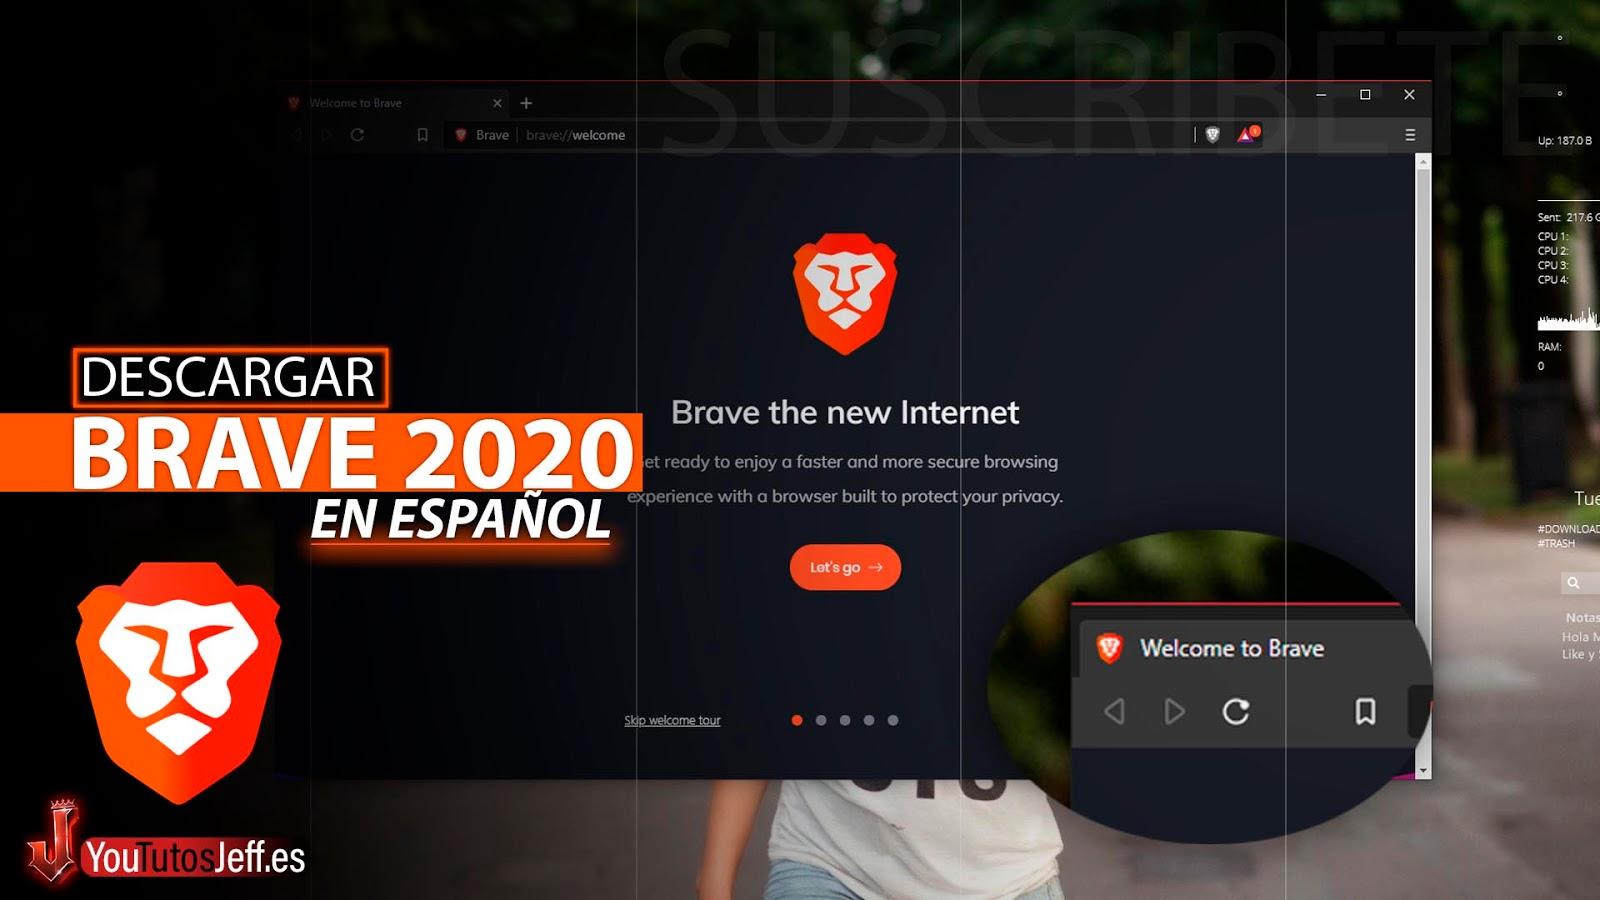 Como Descargar Brave Browser Ultima Versión 2020 Español